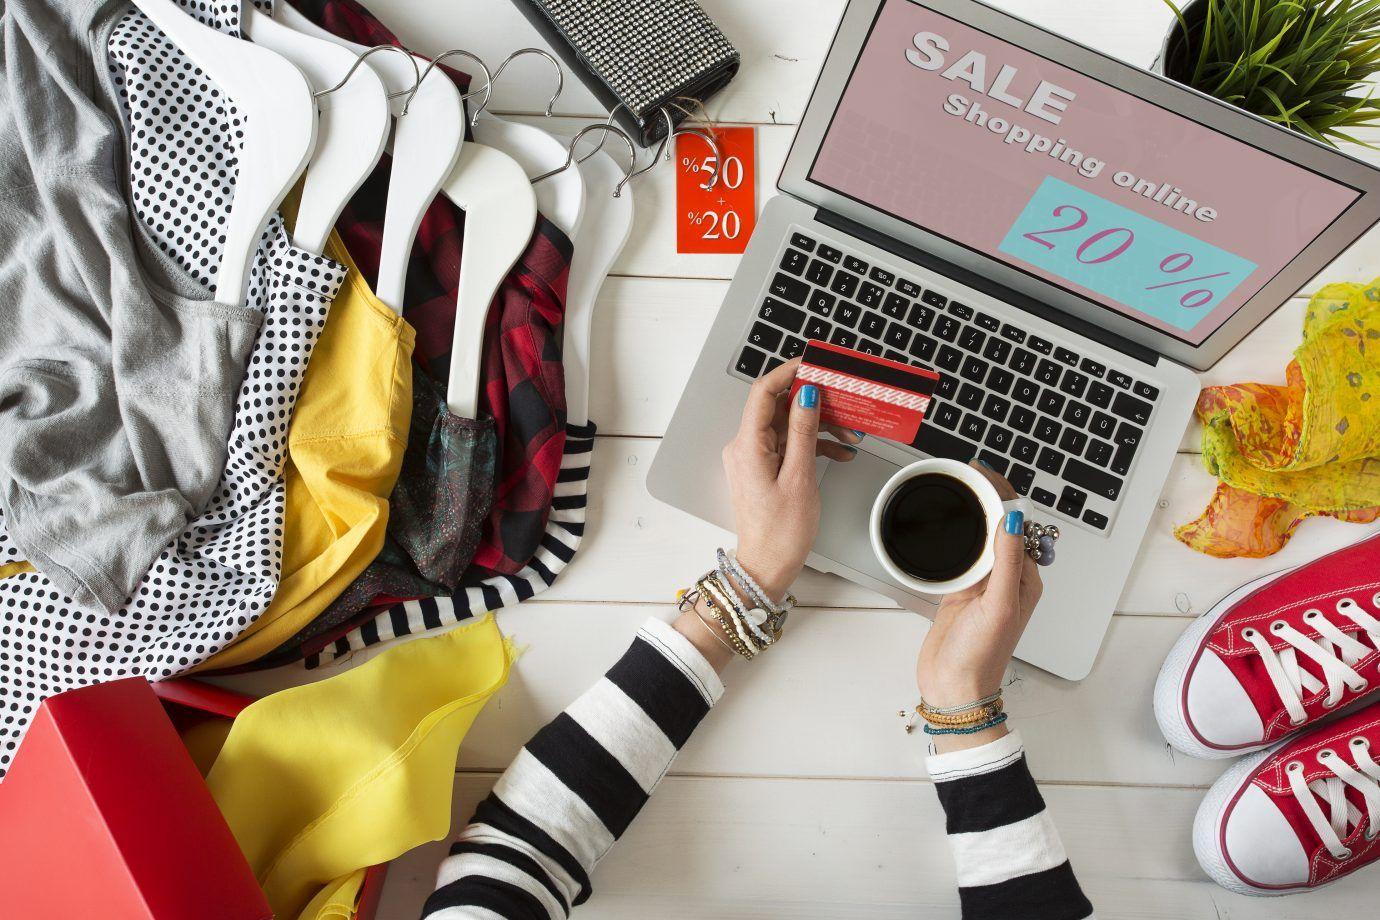 produtos mais vendidos na internet top 12 mais procurados pelos consumidores 1